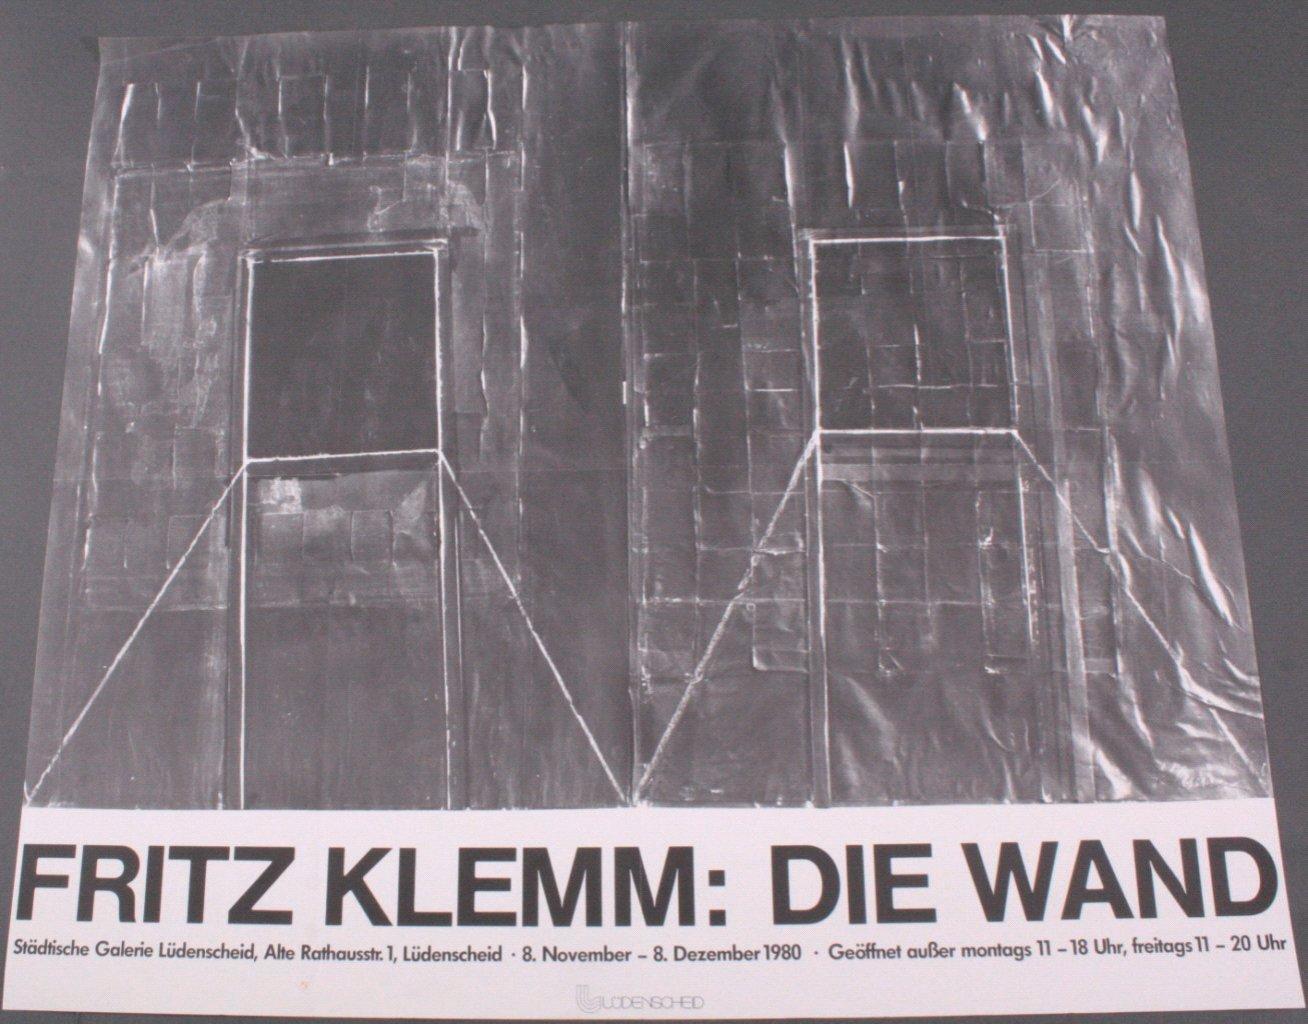 Fritz Klemm (1902-1990)